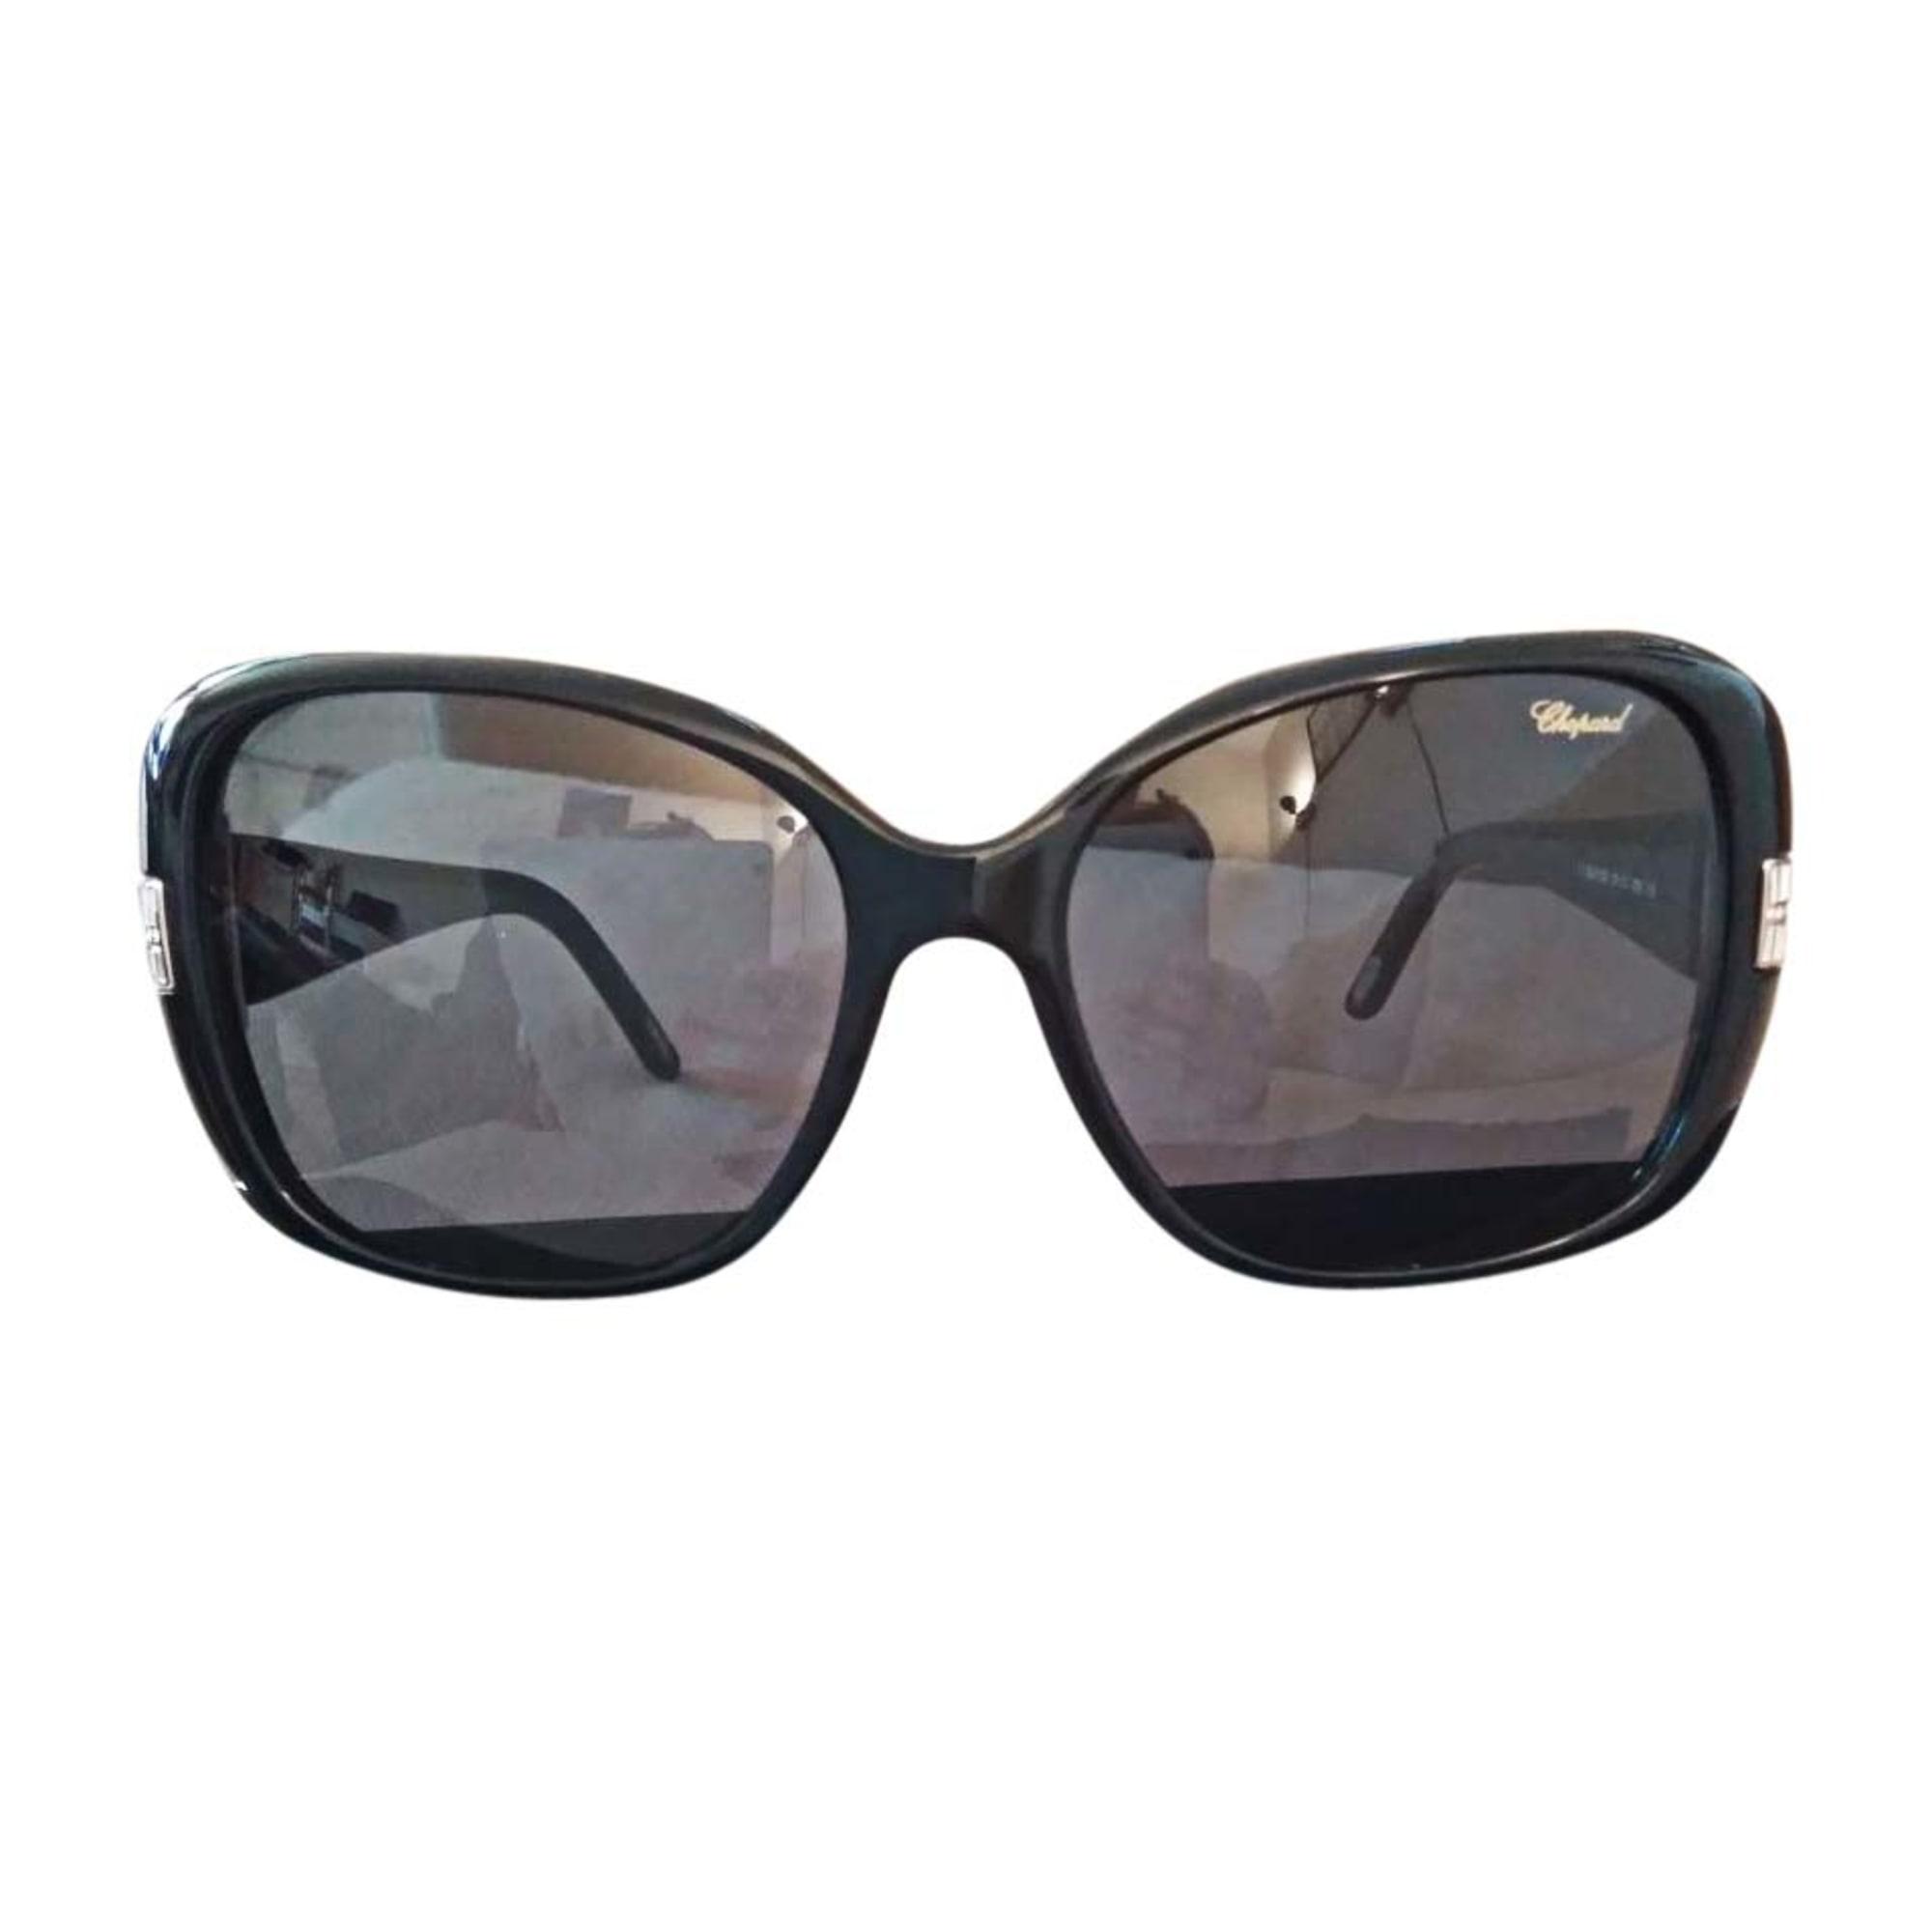 Sunglasses CHOPARD Black